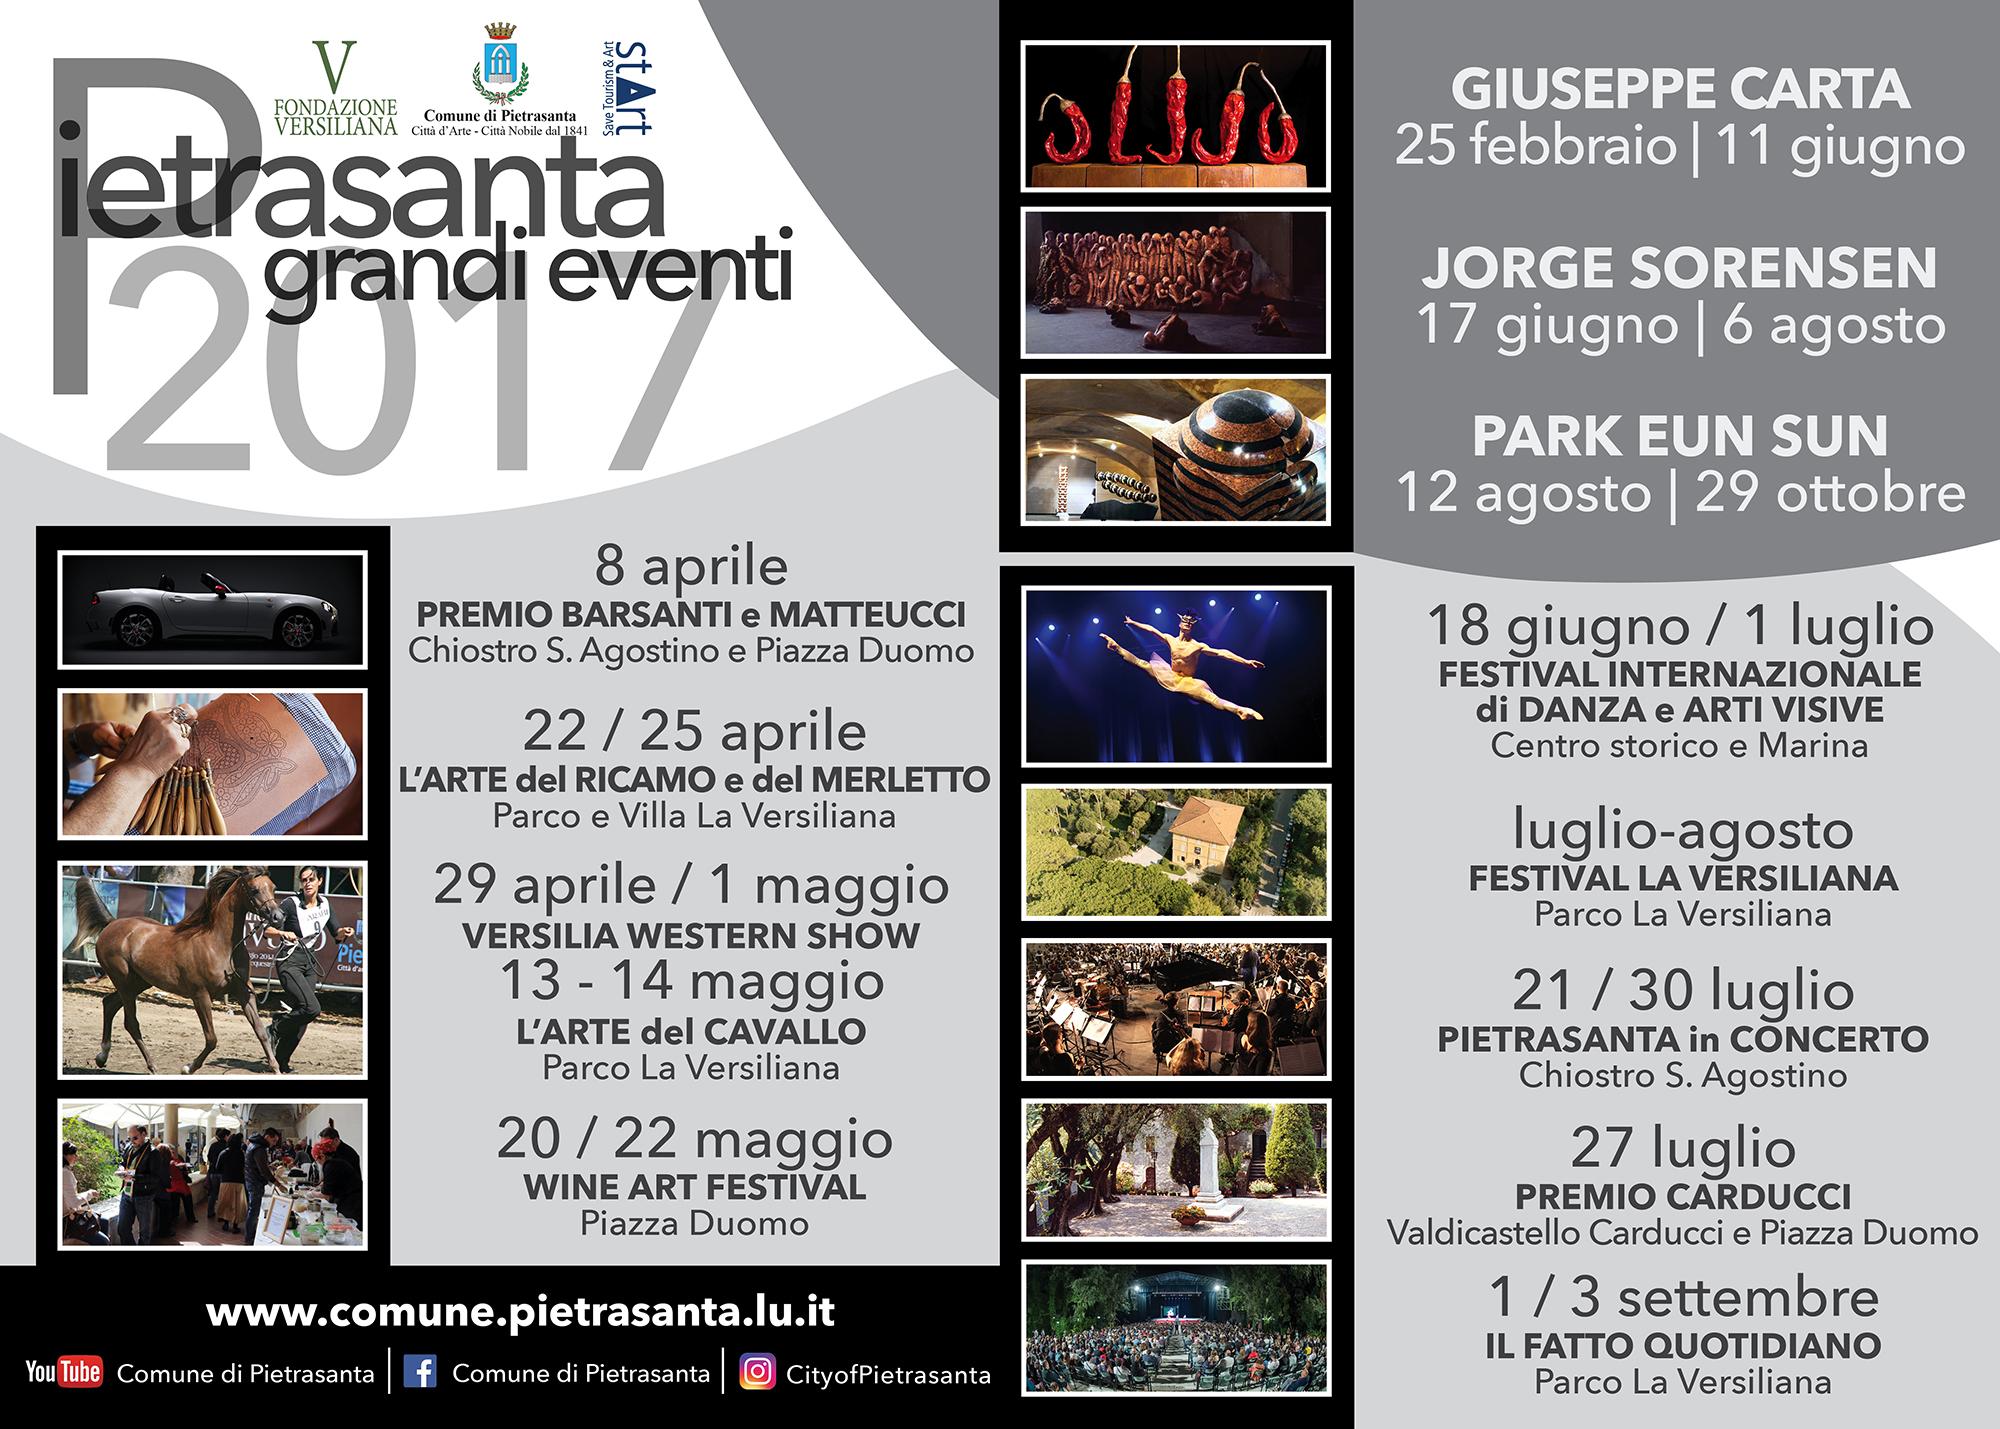 Oltre 150mila visitatori per mostre, musei e opere d'arte a Pietrasanta